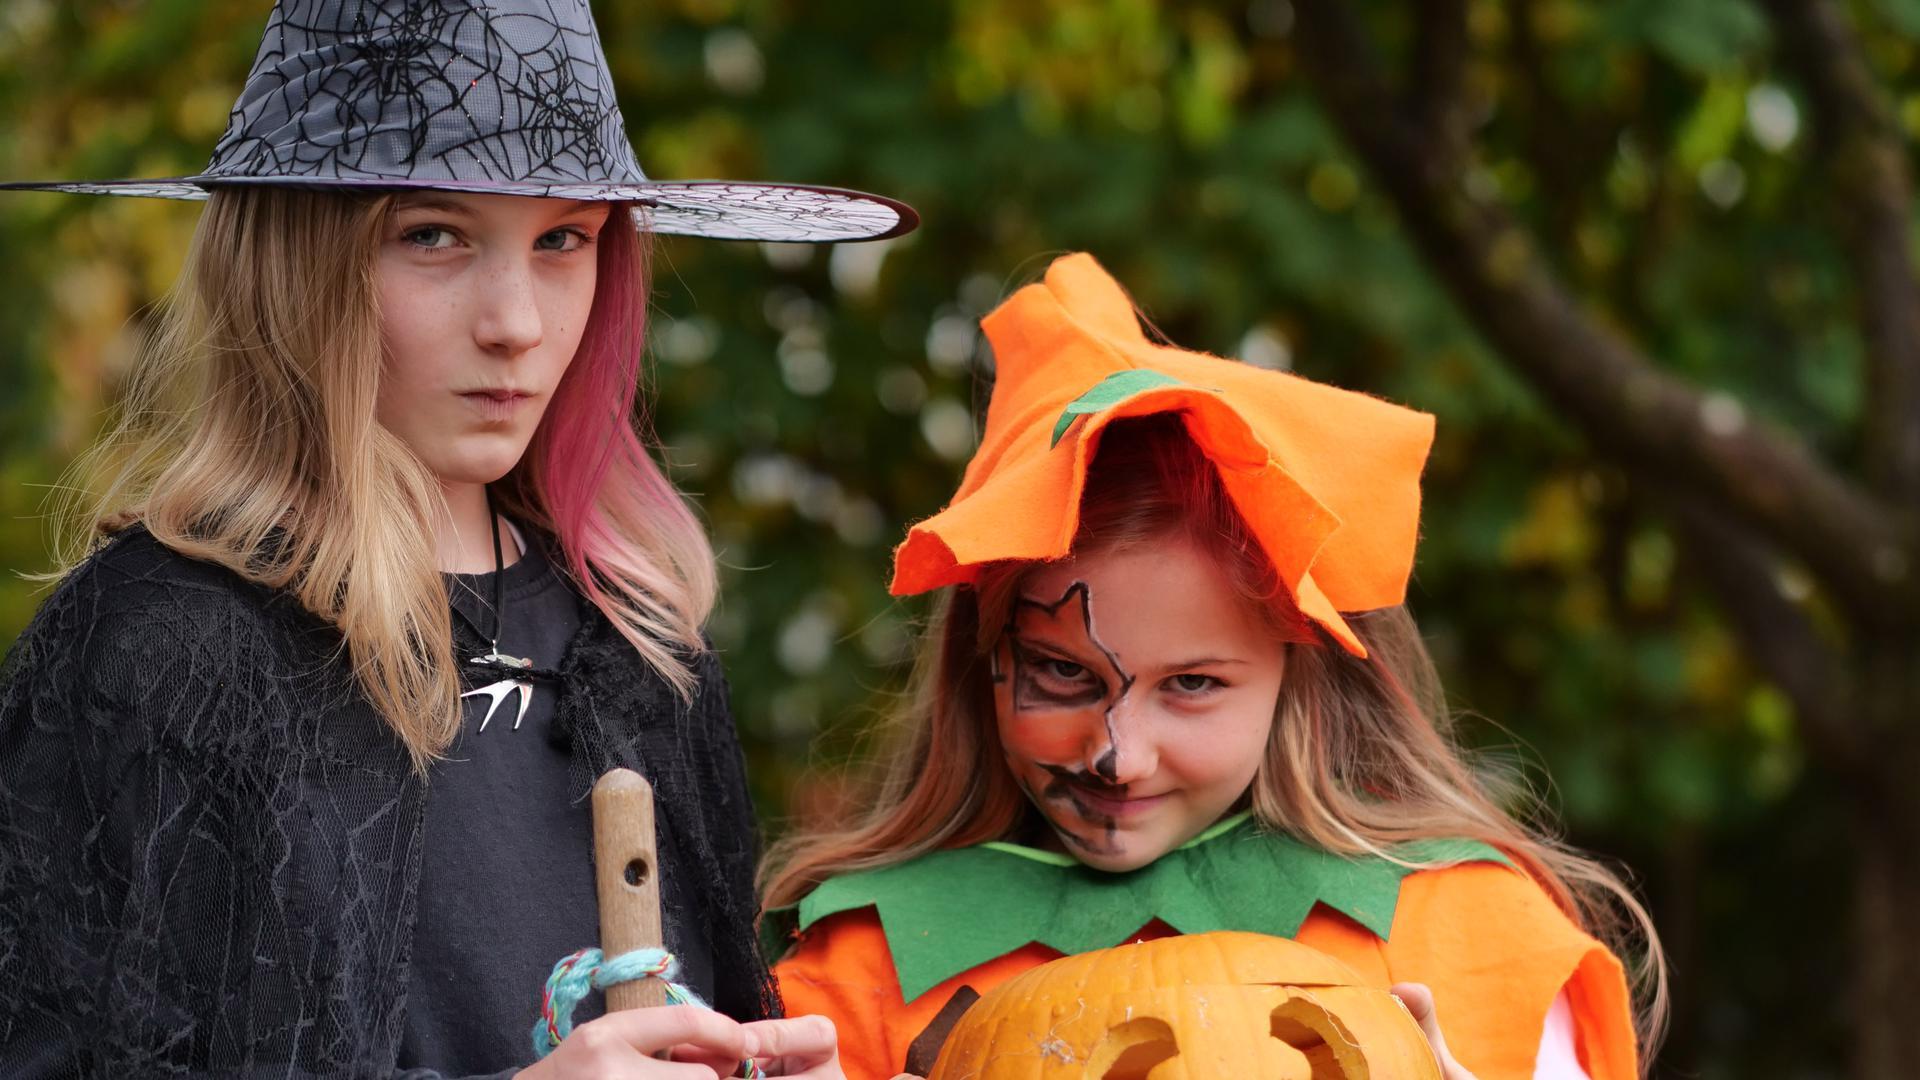 """Halloween zu Hause: Bei Familie Hoffmann wird dieses Jahr im kleinen Kreis mit einer Feuerschale im Garten gefeiert. Durch die Corona-Bestimmungen verzichten viele Familien darauf, wie sonst um die Häuser zu ziehen und """"Süßes oder Saures!"""" zu verlangen."""